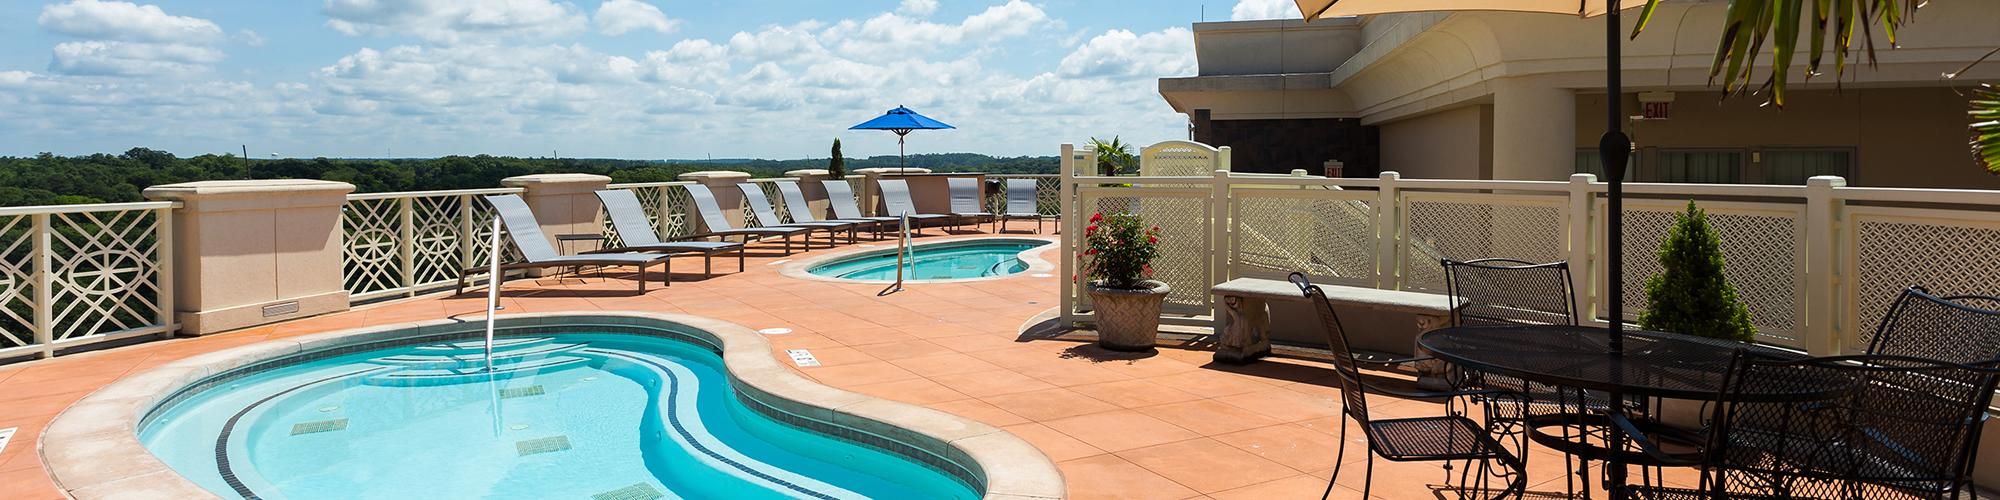 roof_pool